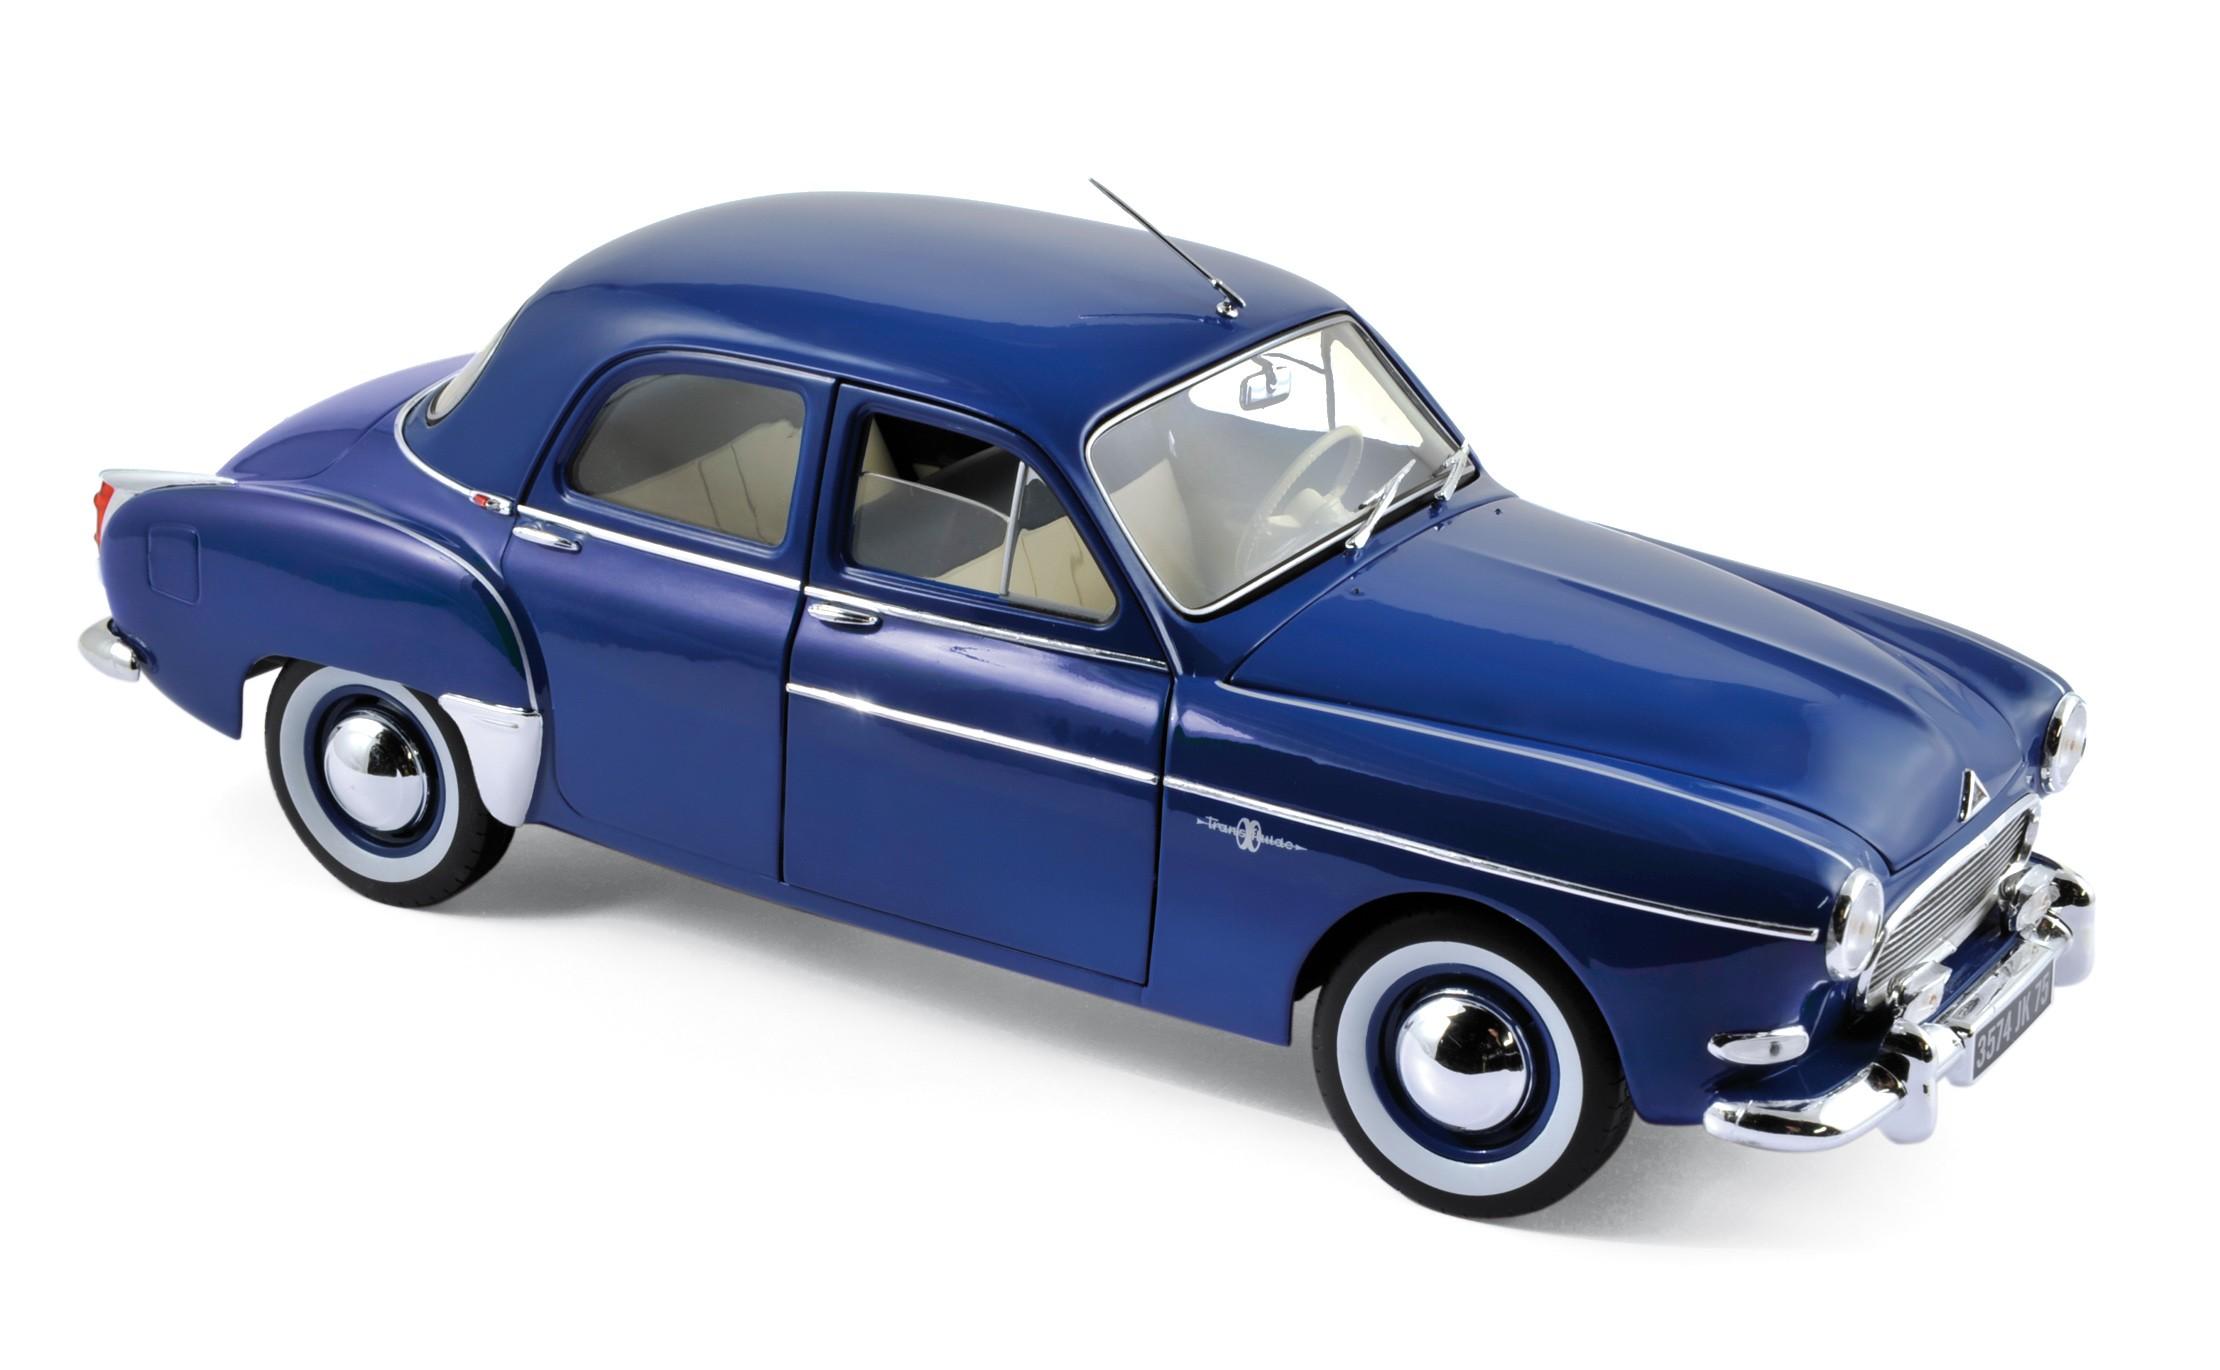 Vous Famc Peugeot 207 Avec Miniature 207 offrez Une XZTikPOu